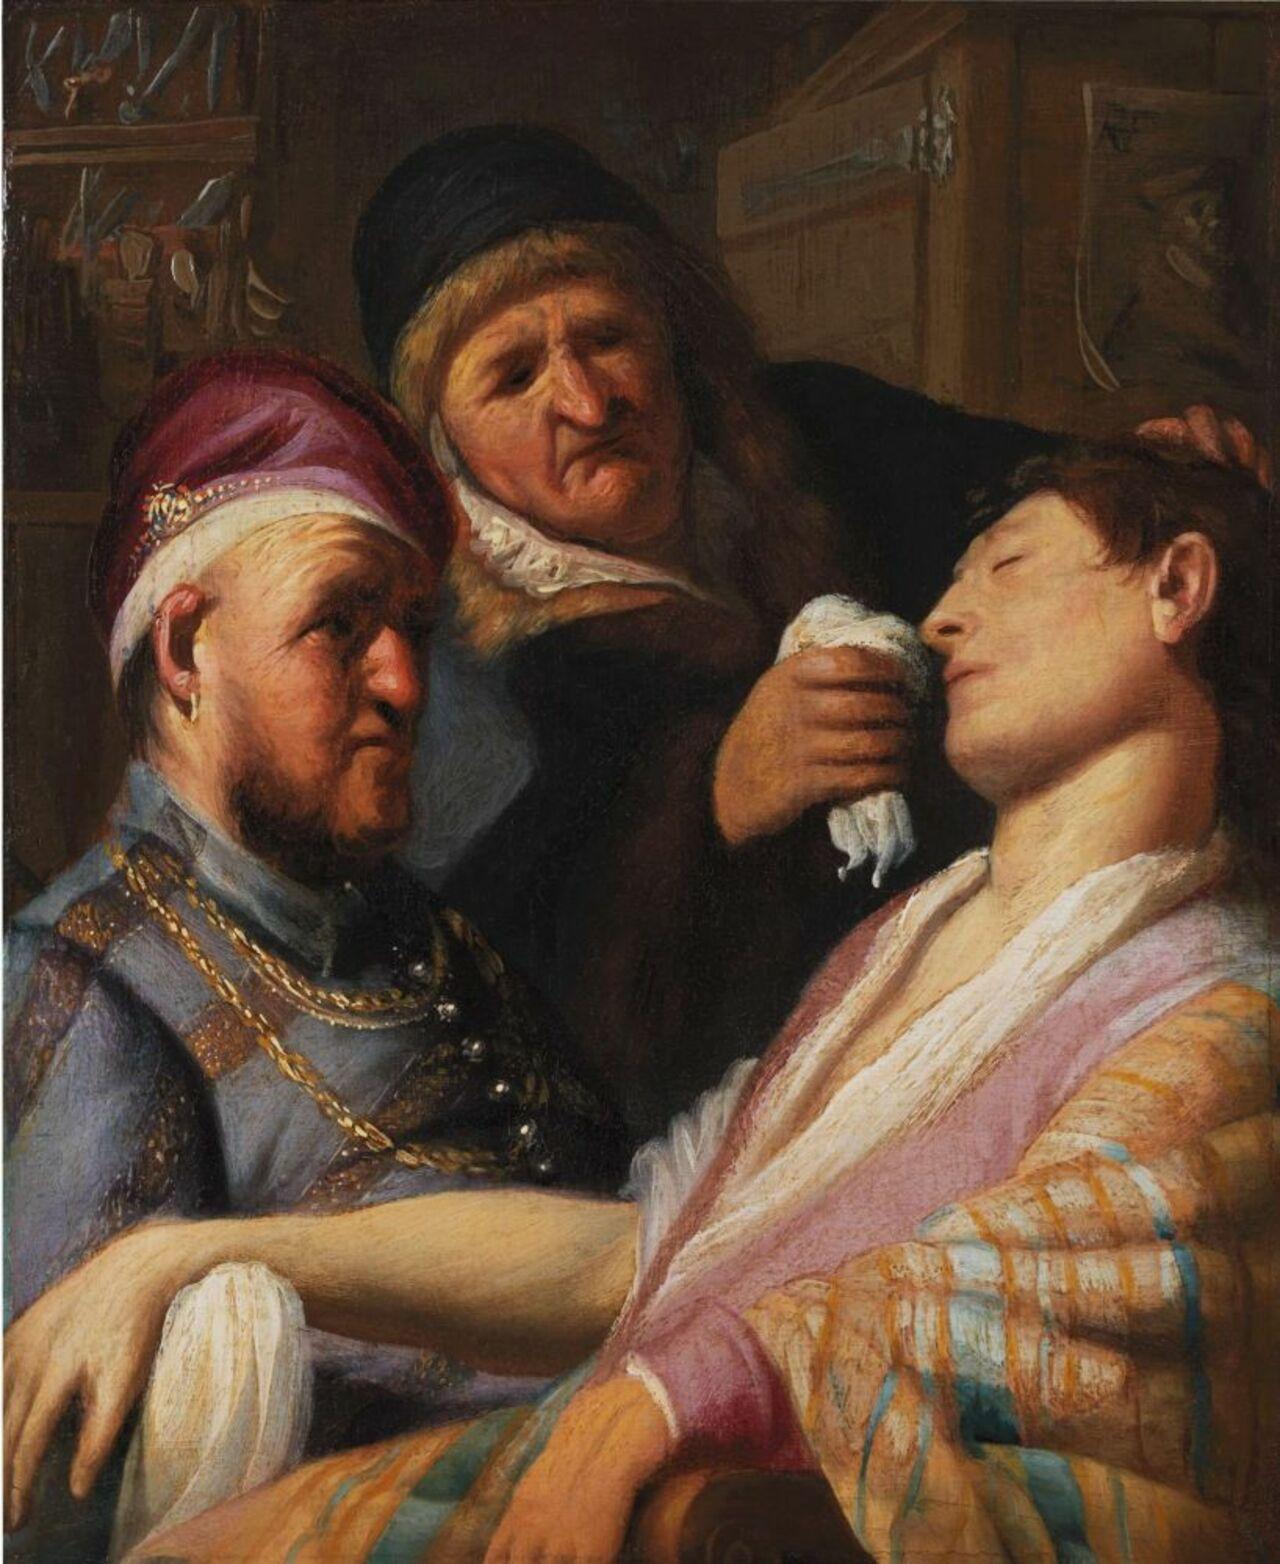 Потерянное полотно Рембрандта хотели реализовать за $250